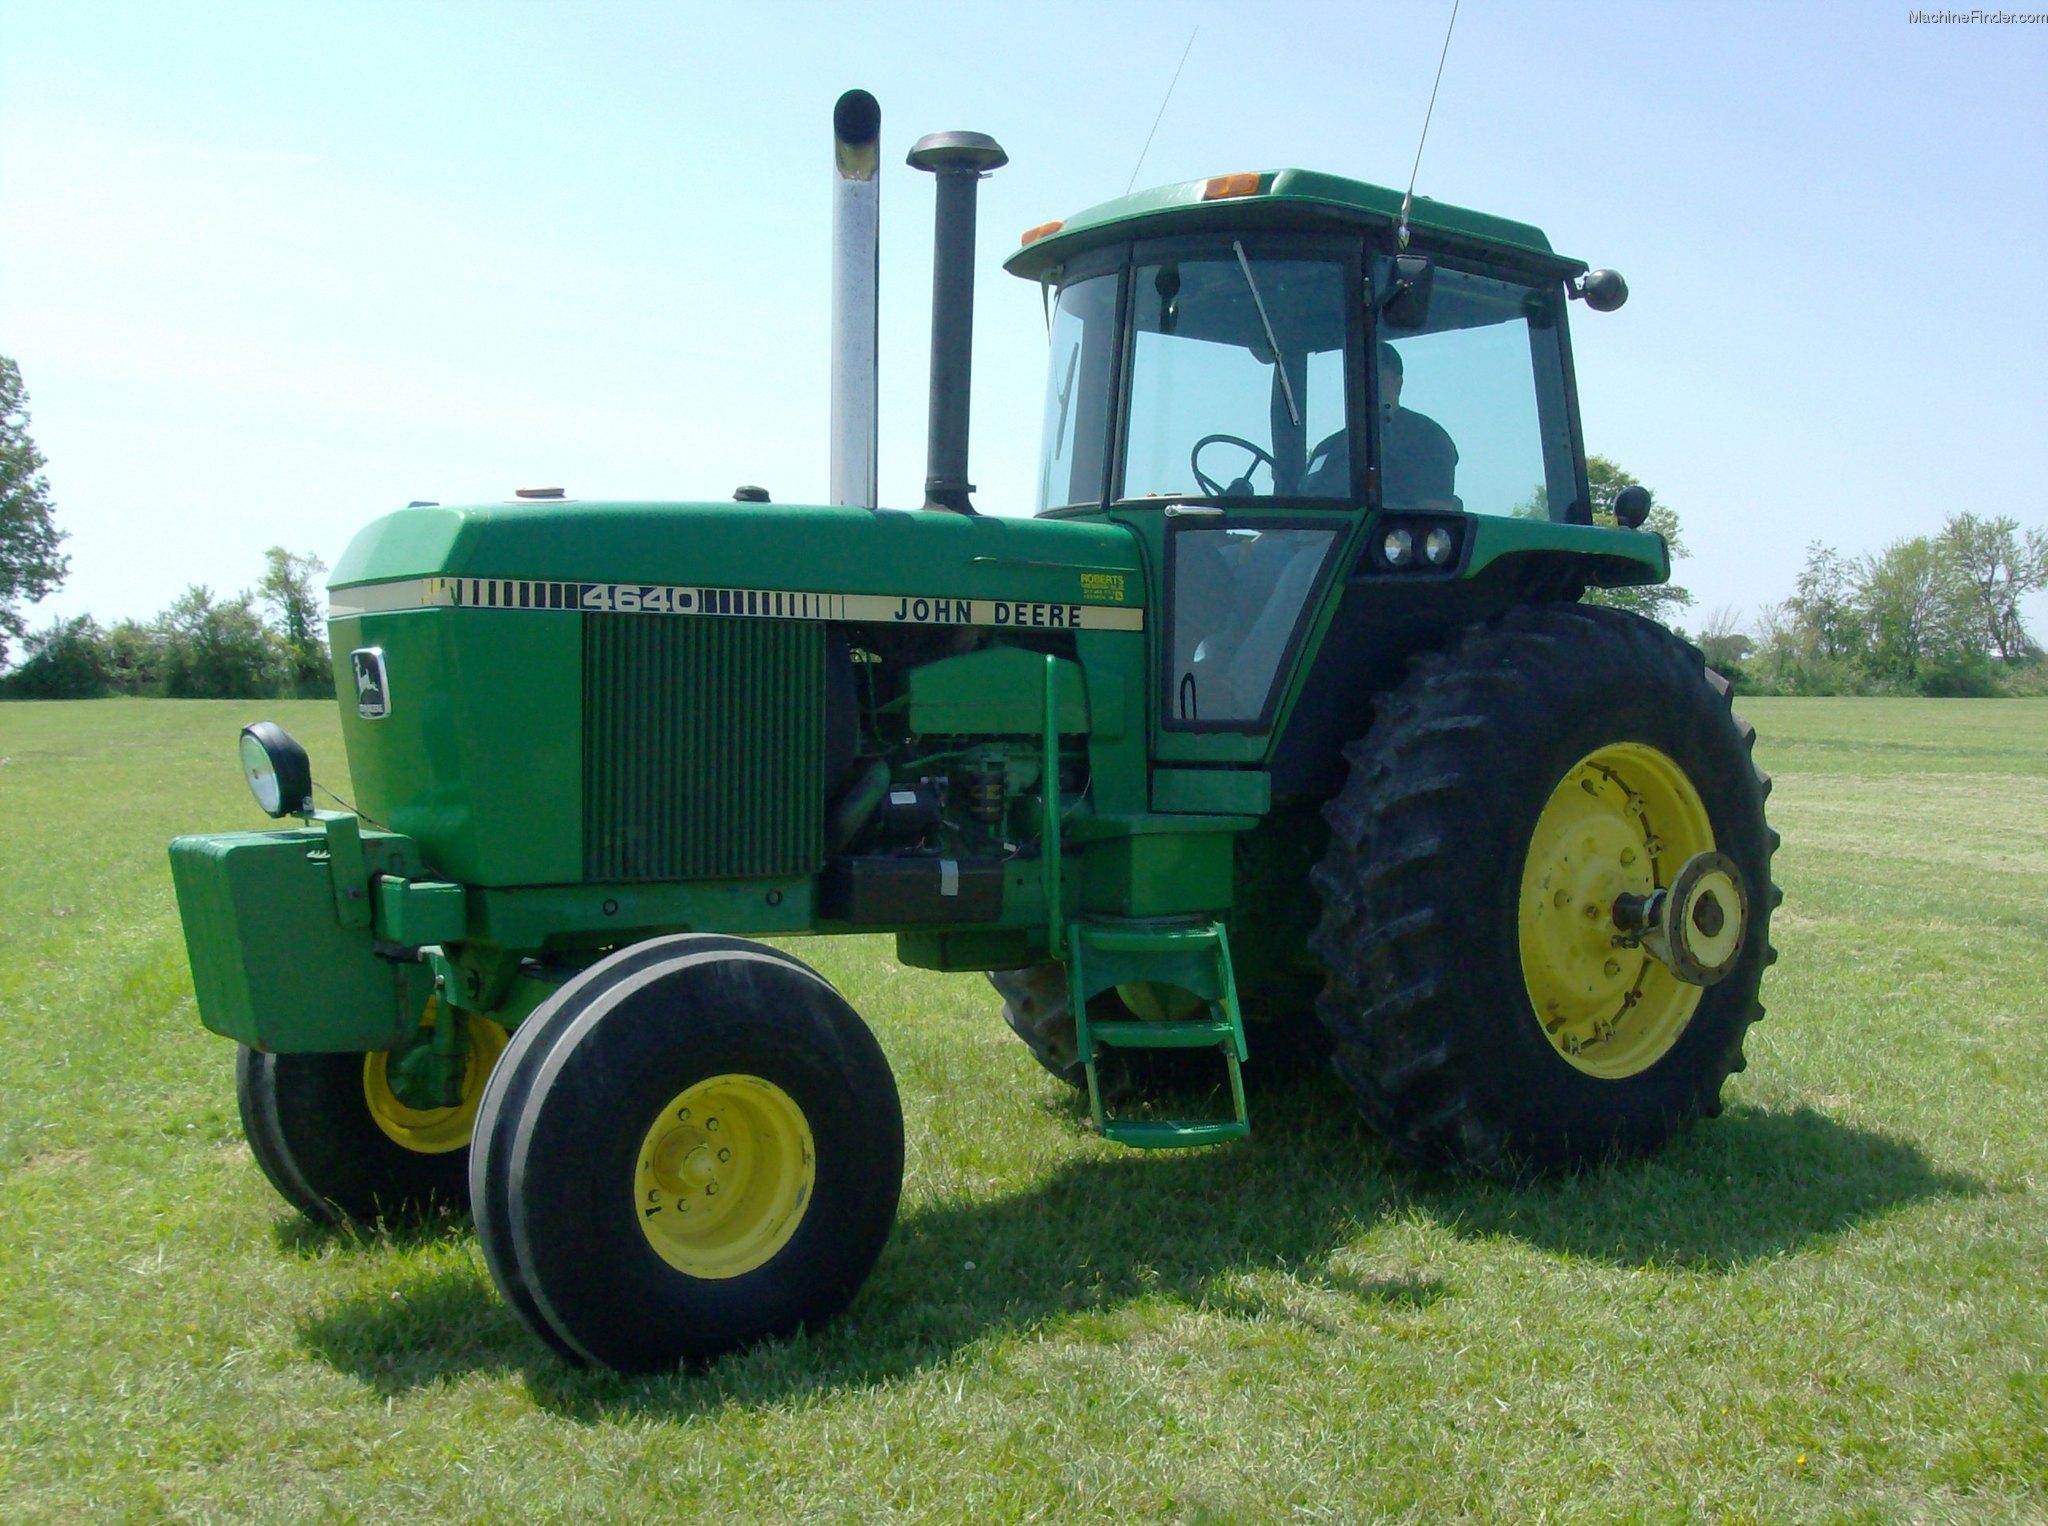 1982 John Deere 4640 Tractors - Row Crop (+100hp) - John ...